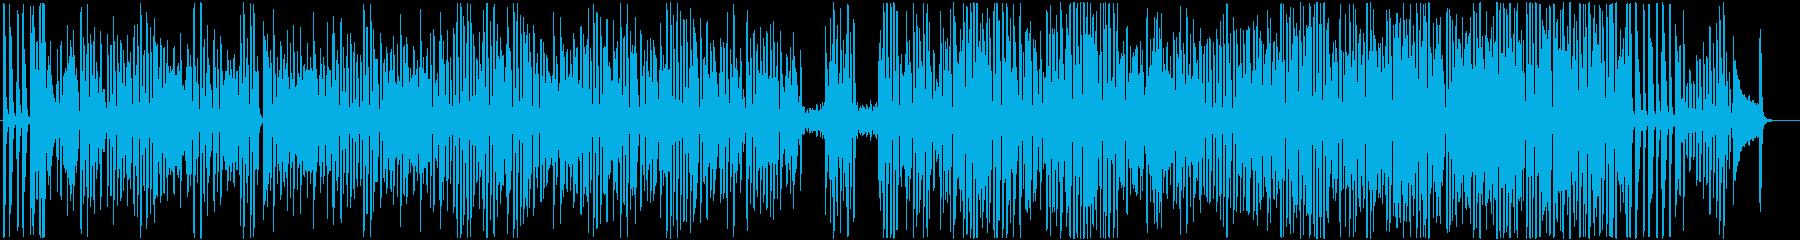 ワクワク楽しいピアノソロのラグタイムの再生済みの波形